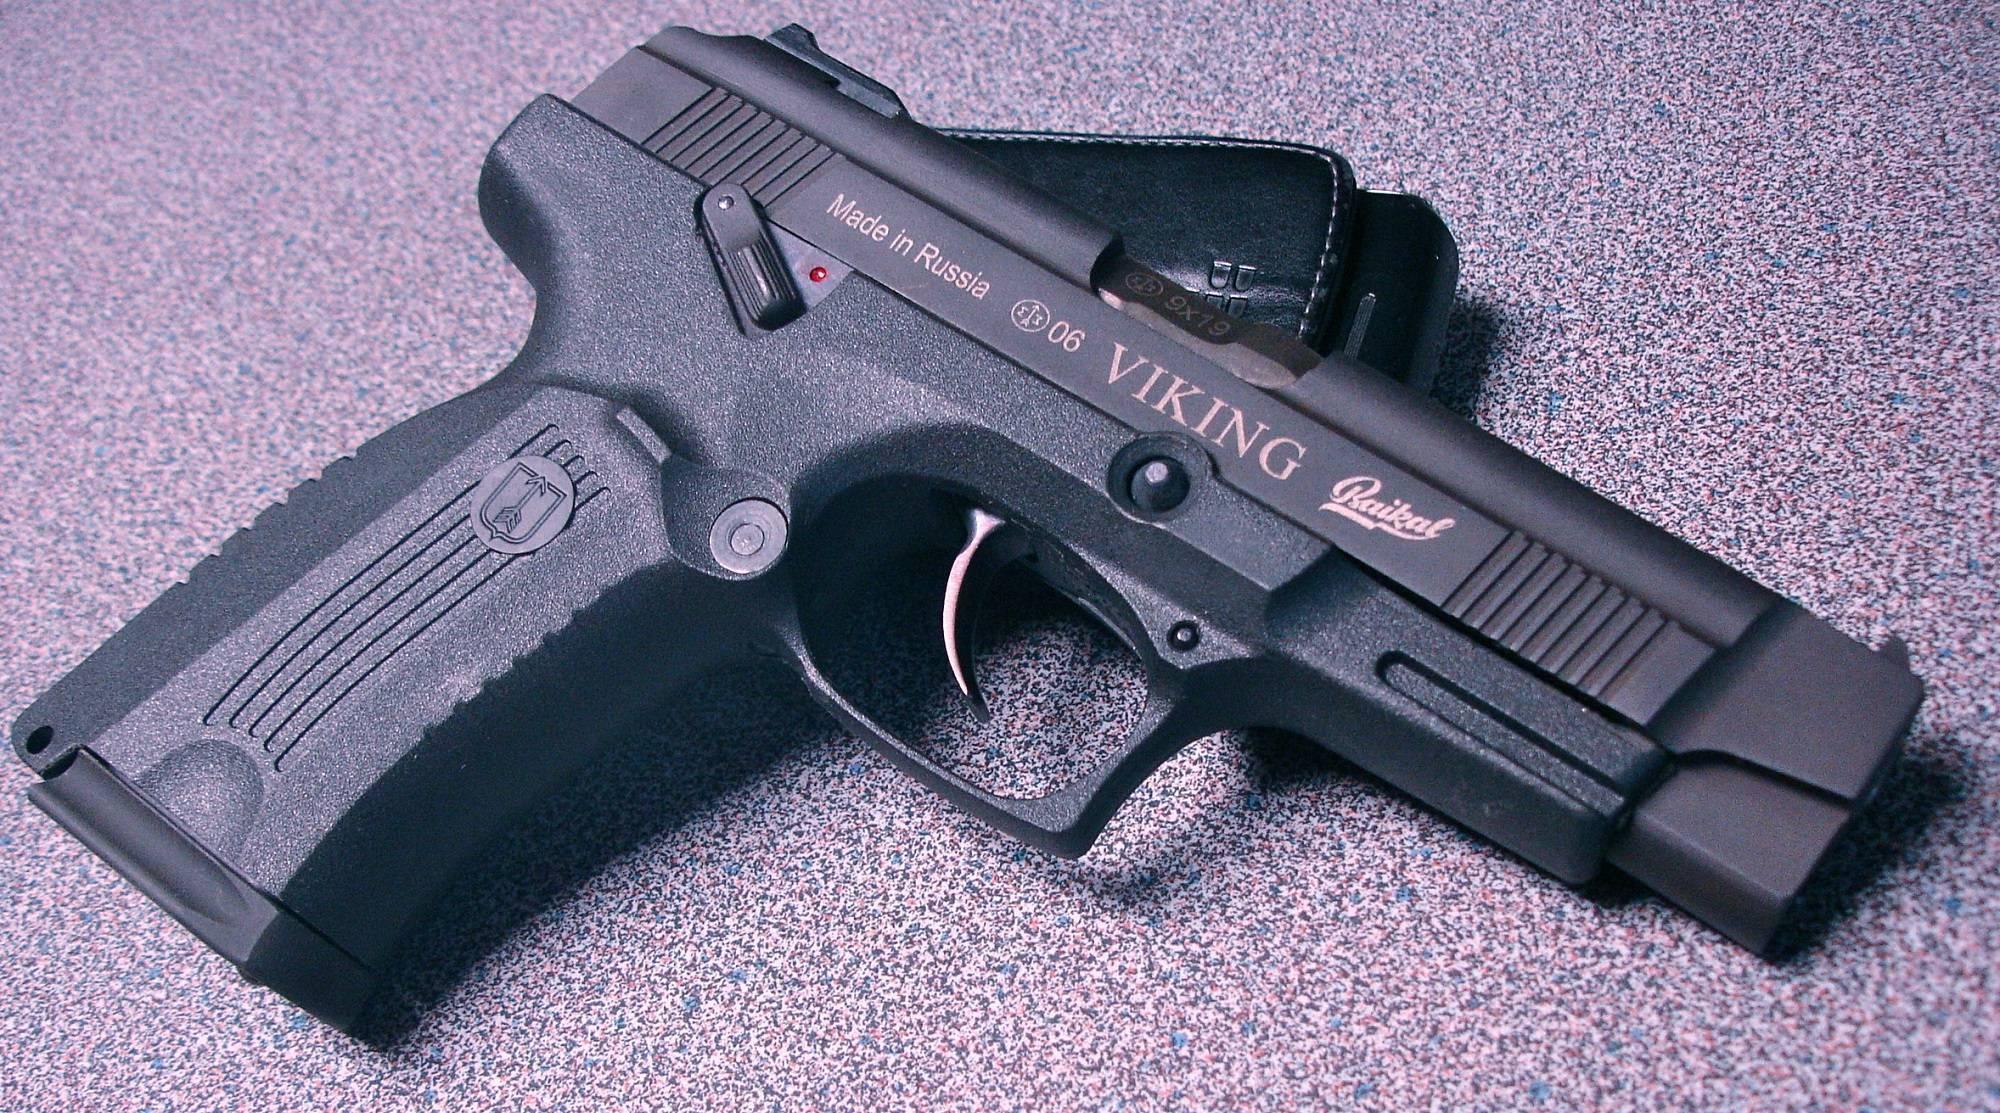 Точность, мощь и скорость: спортивные пистолеты ростеха